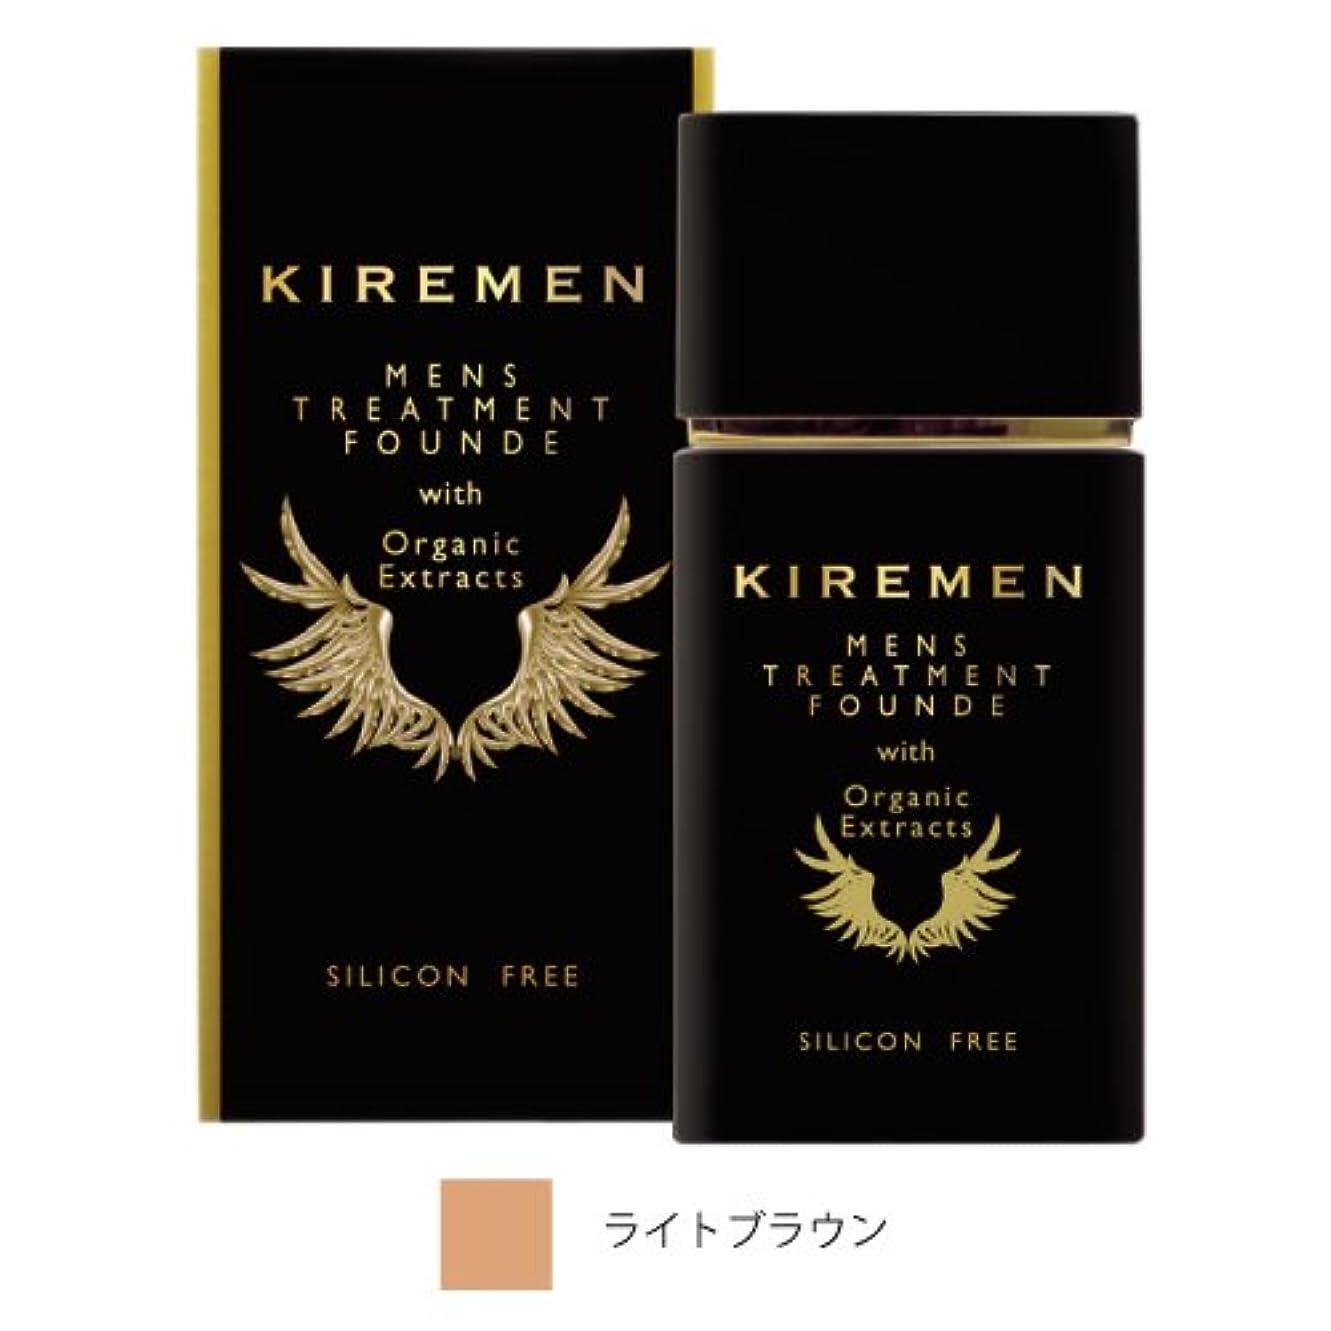 キレメン KIREMEN メンズファンデーション (ライトブラウン)